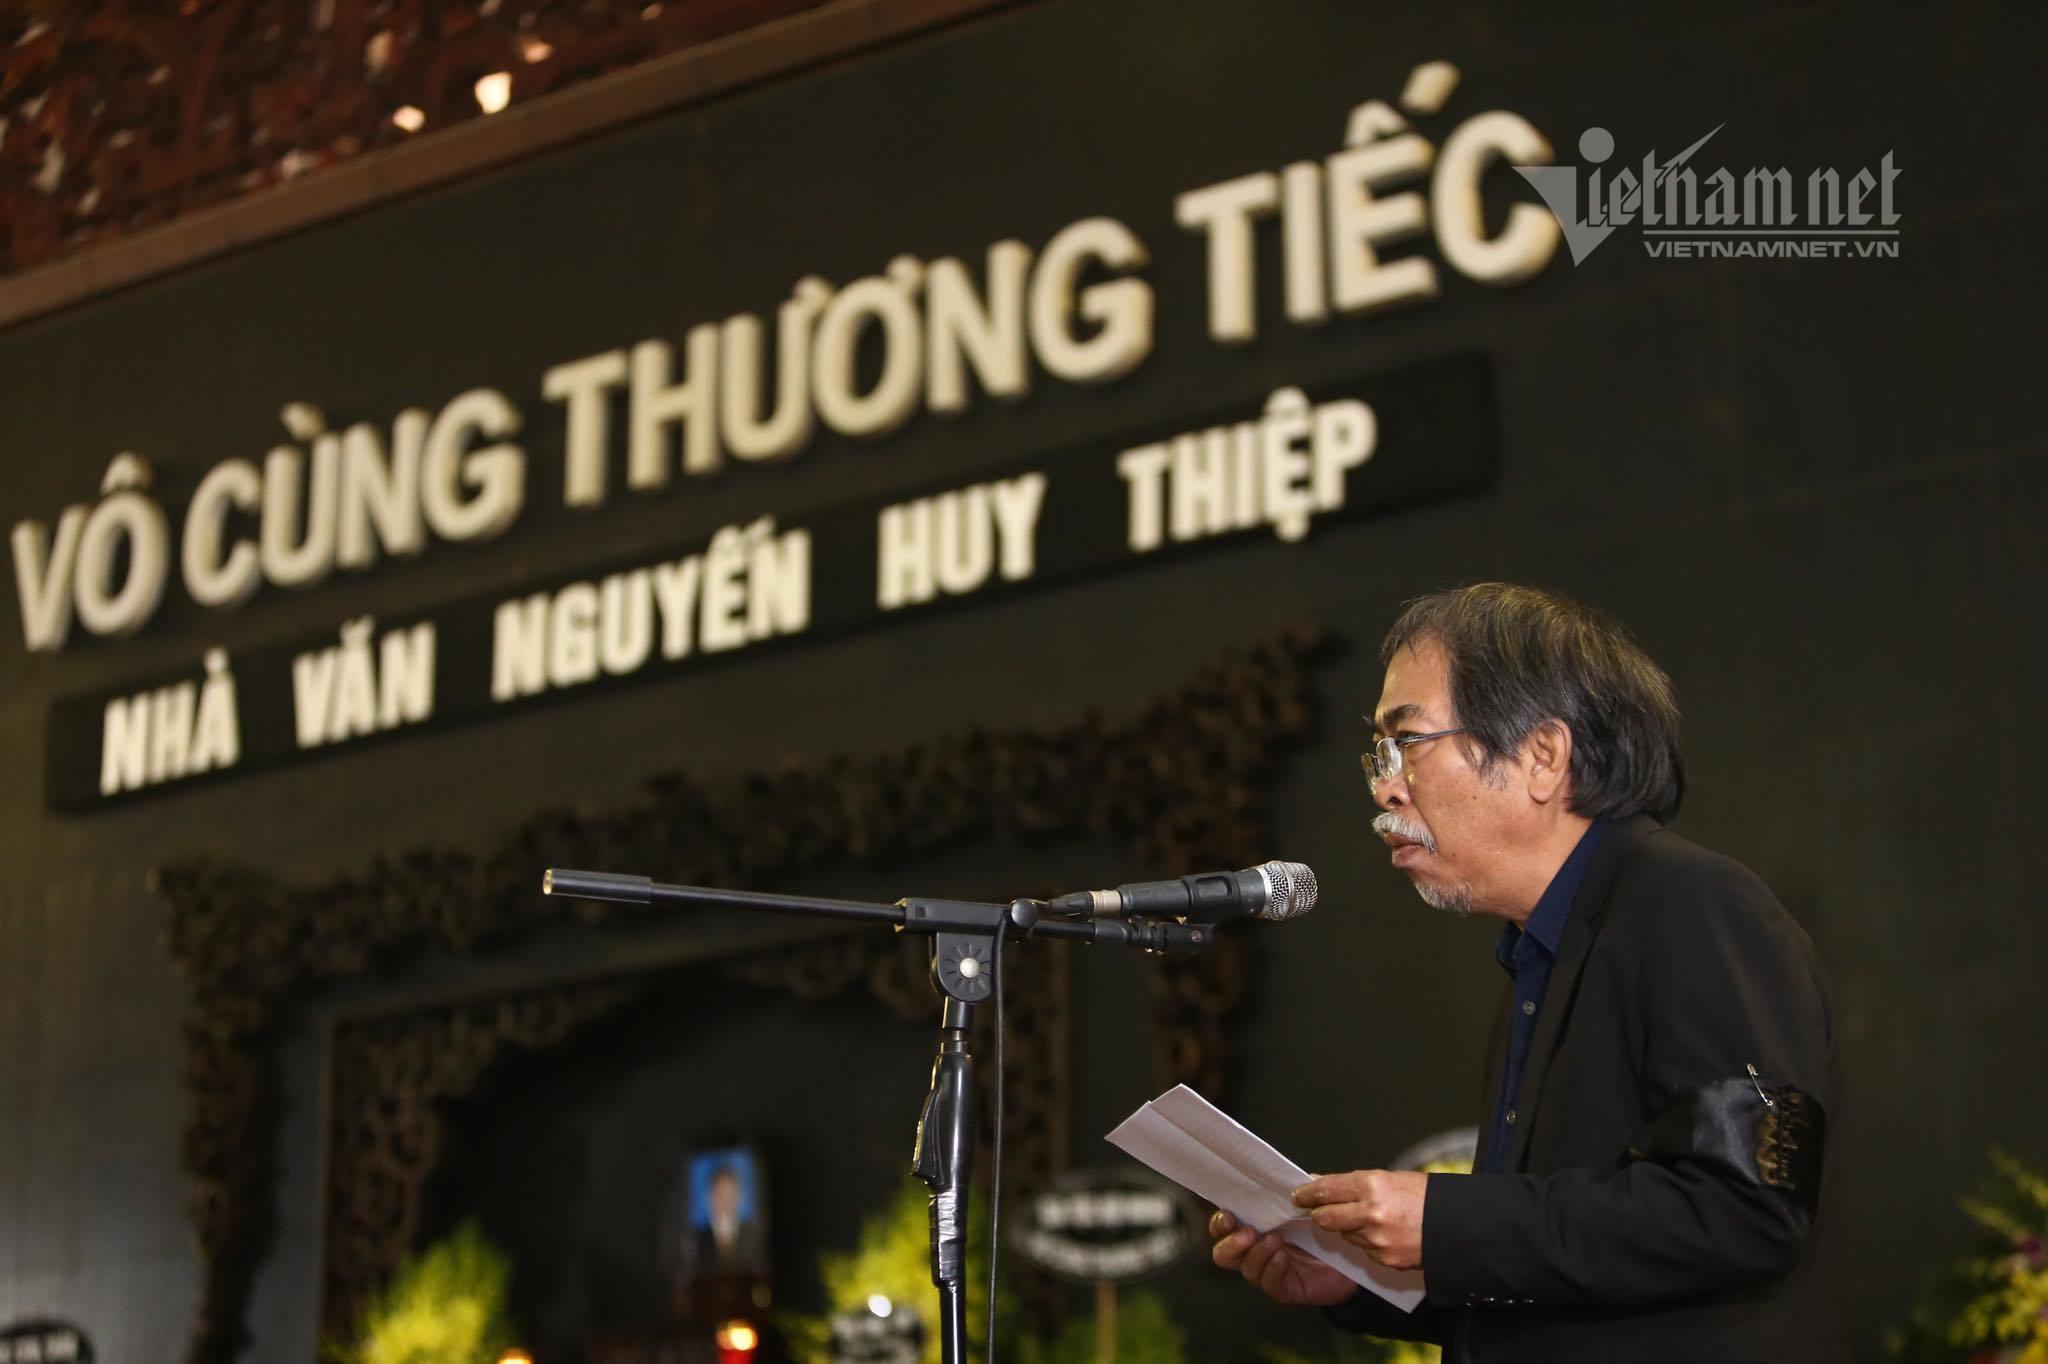 Nhiều văn nghệ sĩ đến tiễn biệt tác giả 'Tướng về hưu' Nguyễn Huy Thiệp